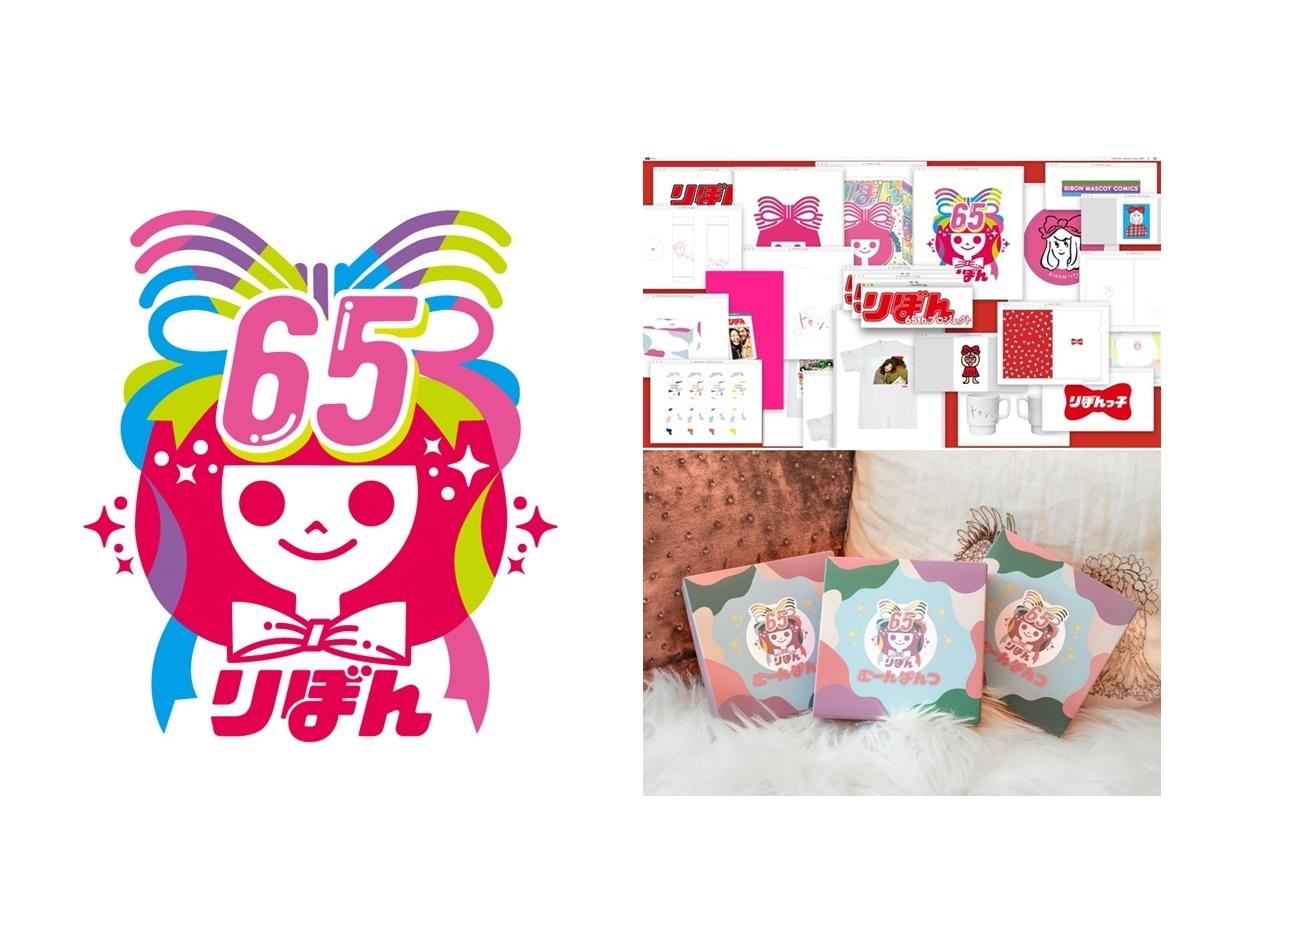 「りぼん」創刊65周年プロジェクト第1弾POP-UPストア開催決定